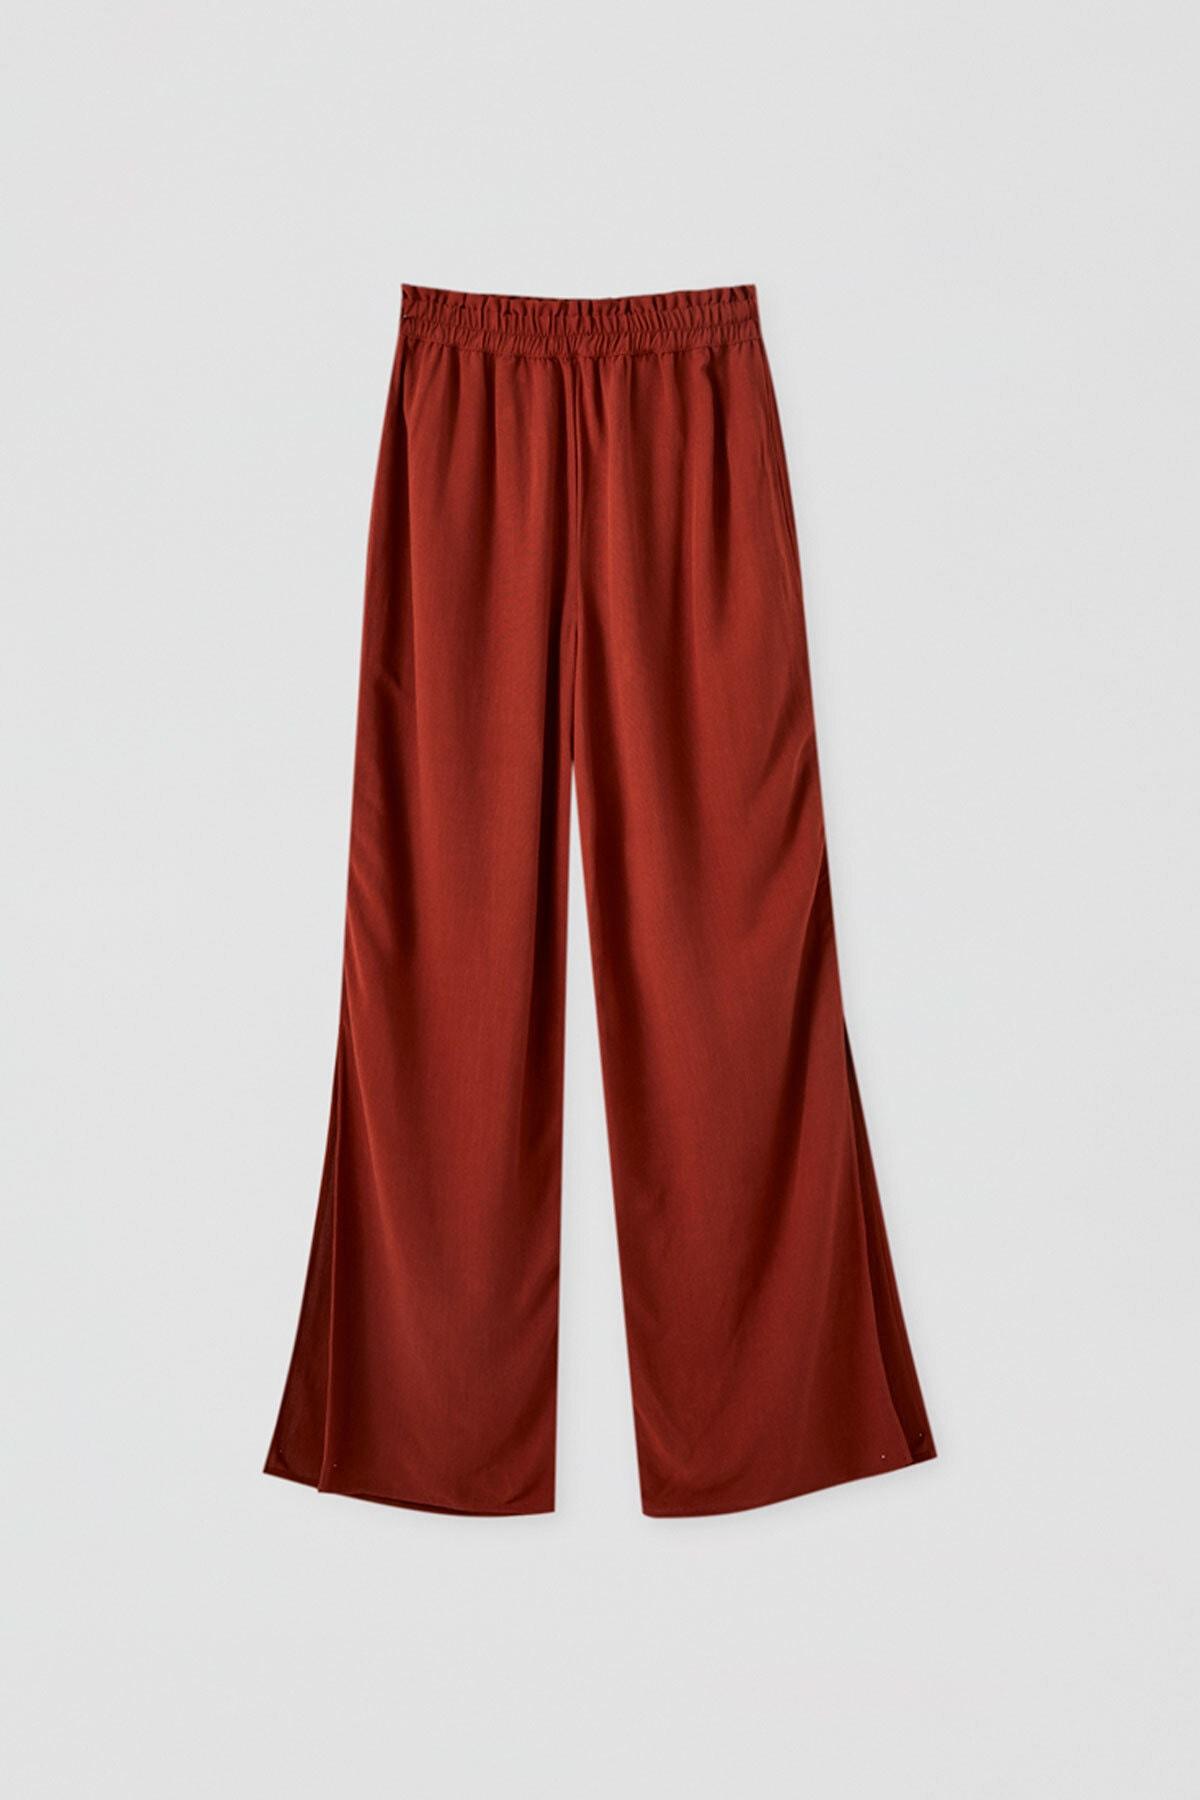 Pull & Bear Kadın Terrakota Elastik Belli Dökümlü Pantolon 09672308 0